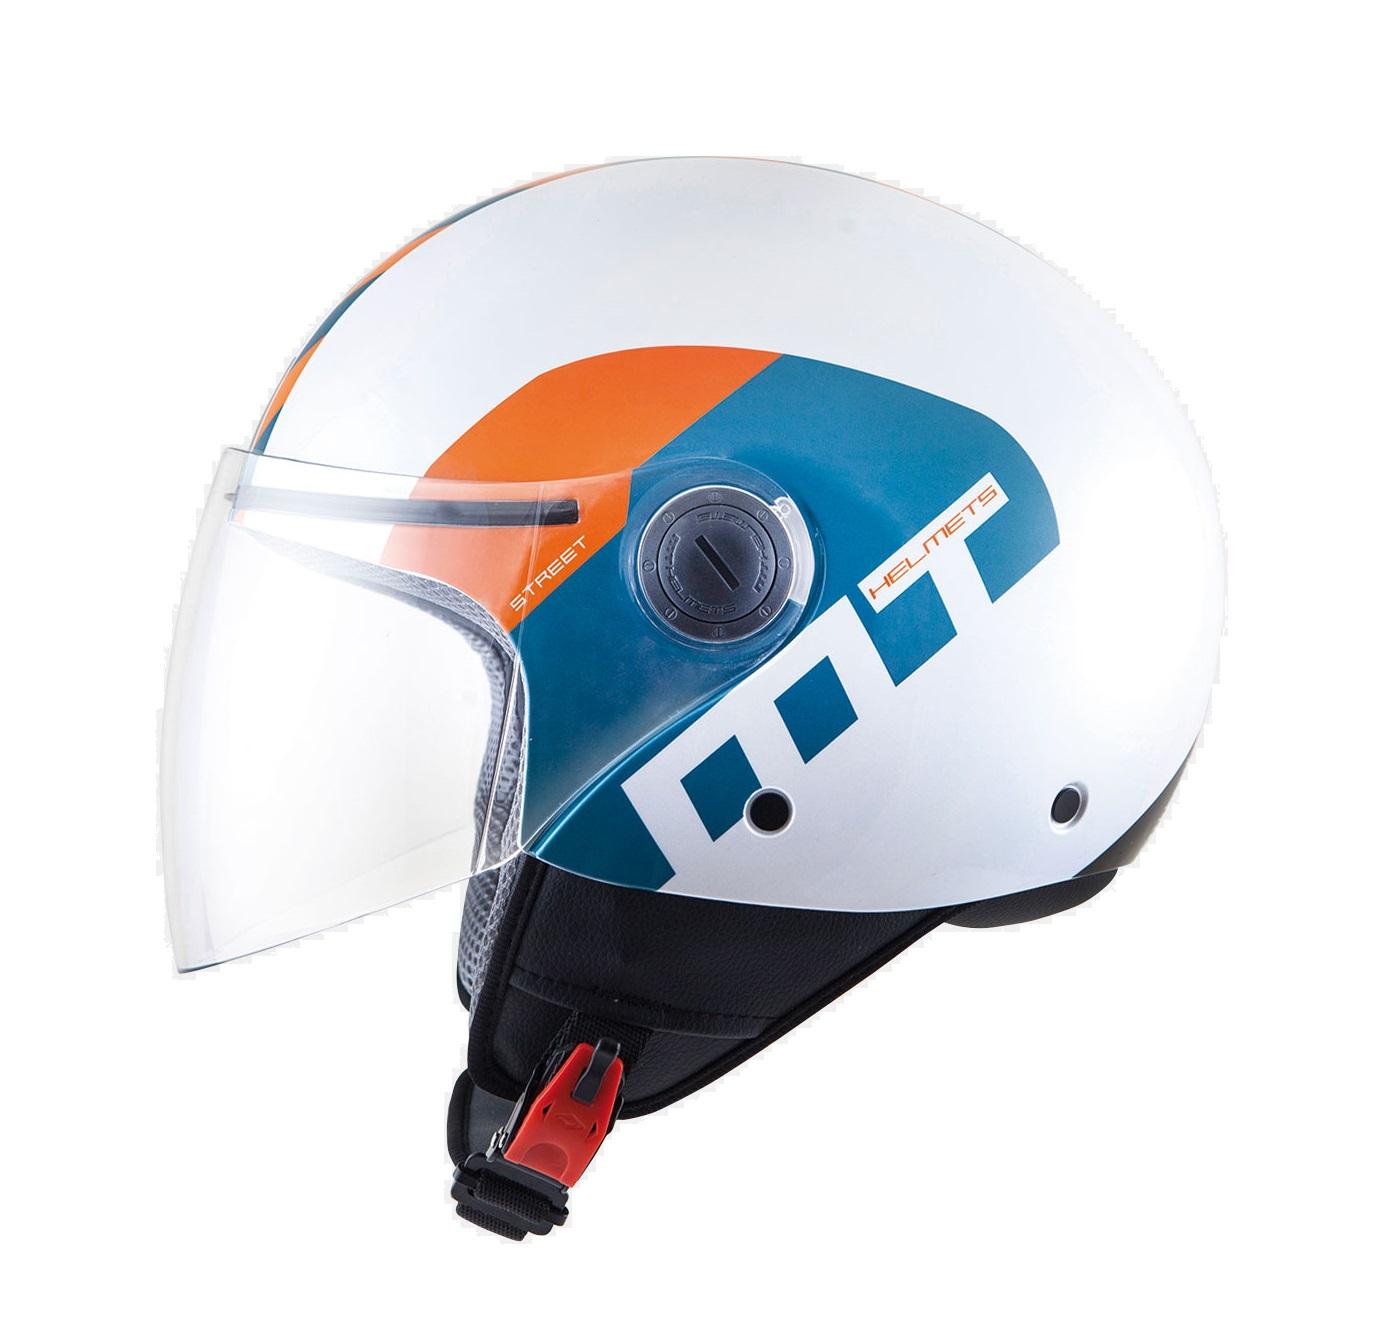 Alb/albastru/portocaliu lucios